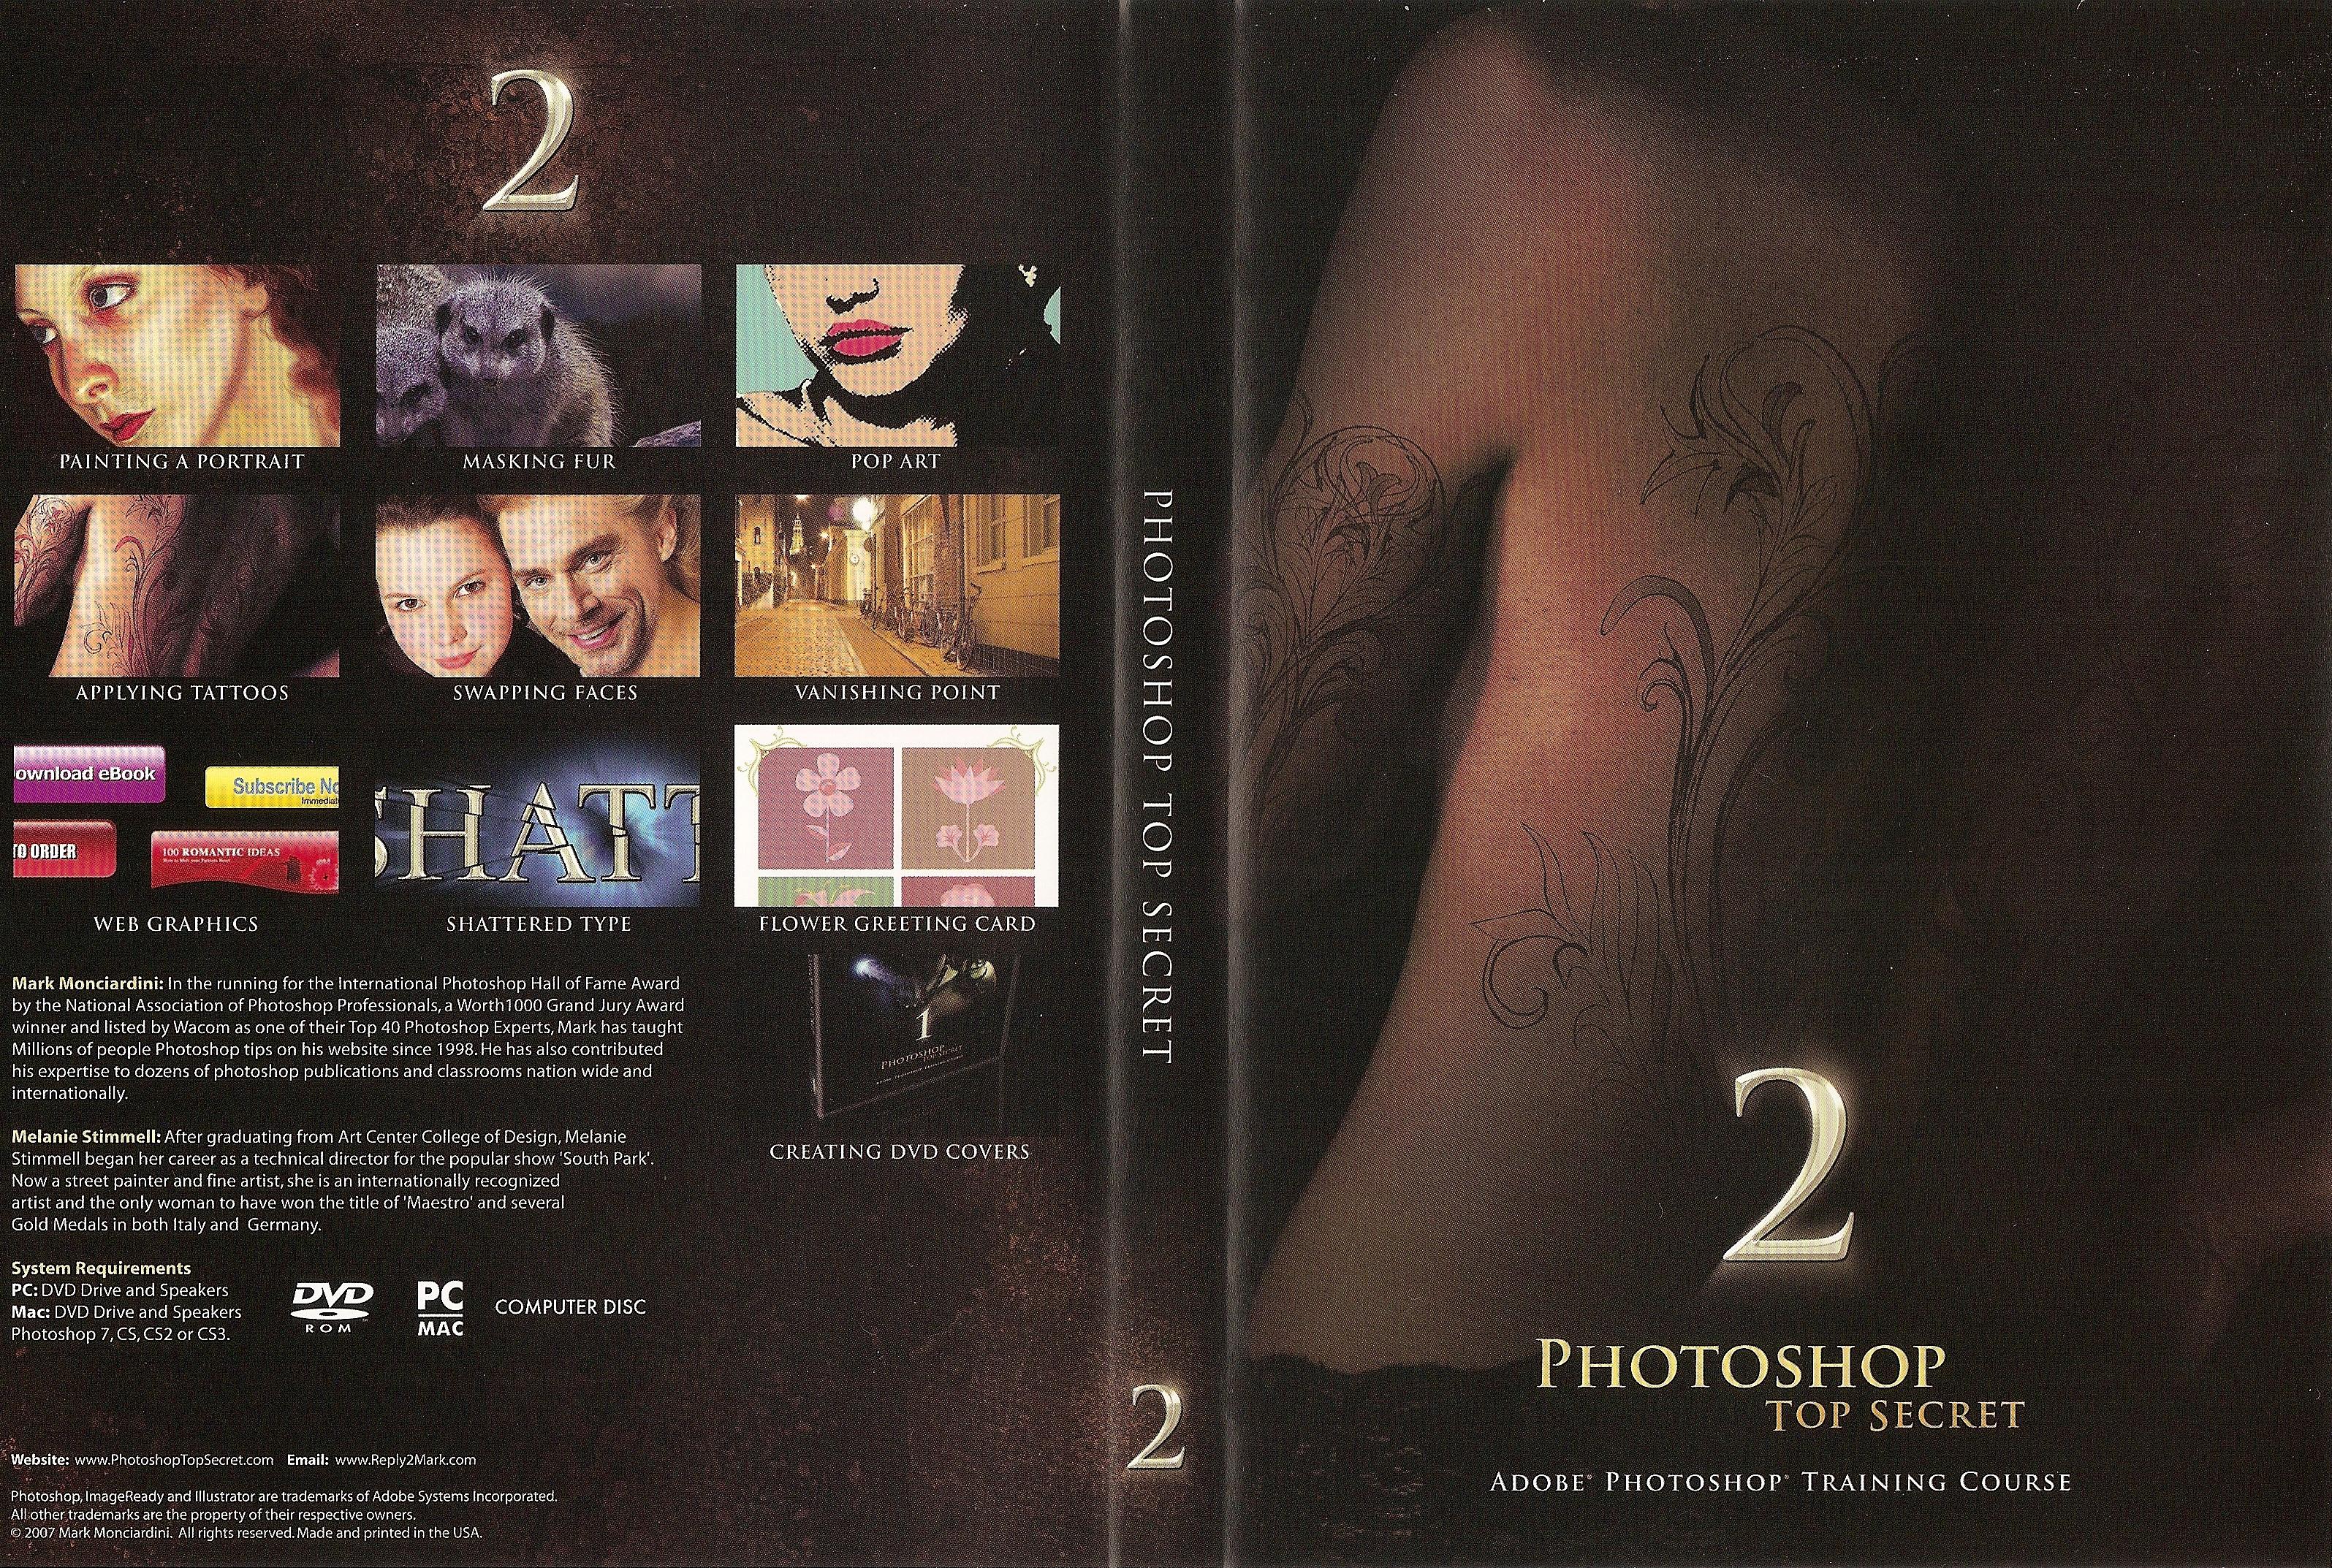 photoshop top secret_DVD2_Cover